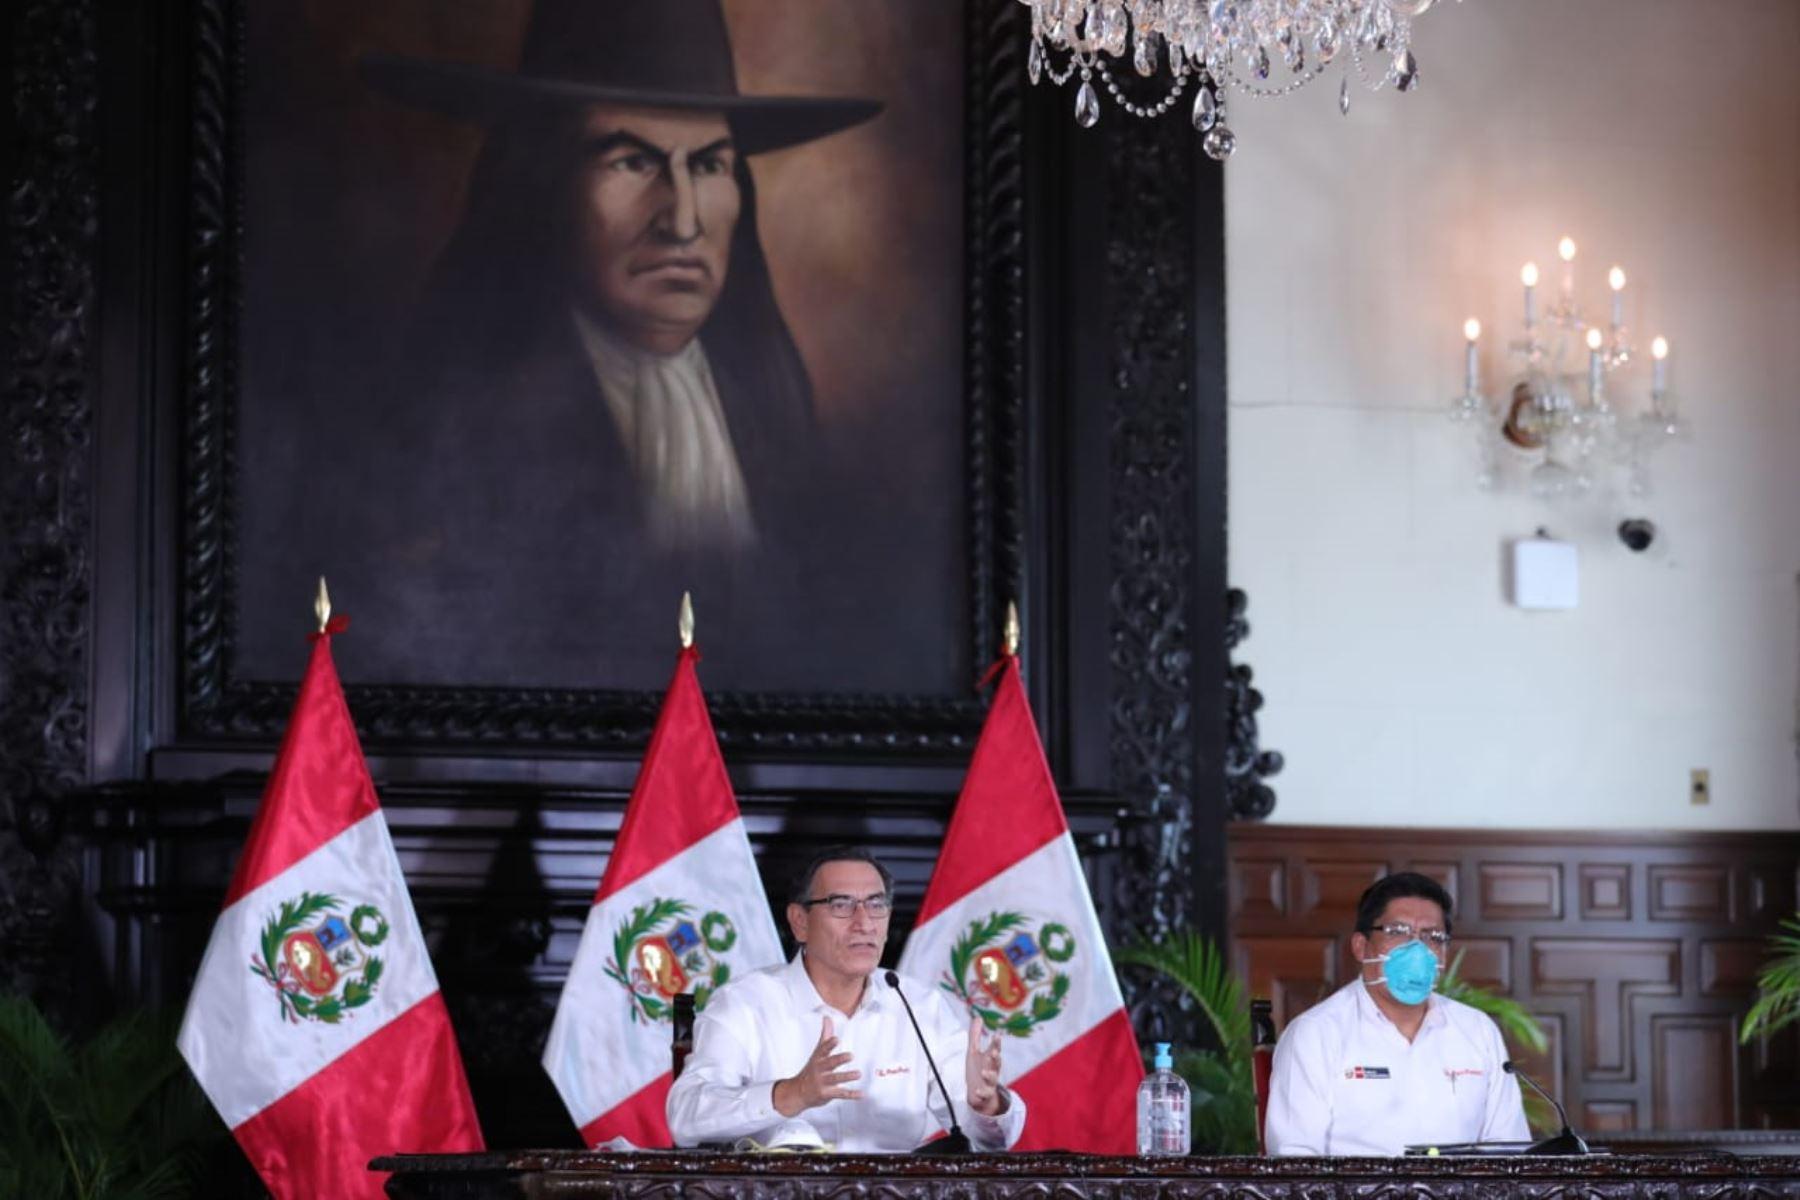 El presidente de la República, Martín Vizcarra, informa las medidas adoptadas por el Gobierno ante la emergencia nacional por el coronavirus. Foto: ANDINA/ Prensa Presidencia